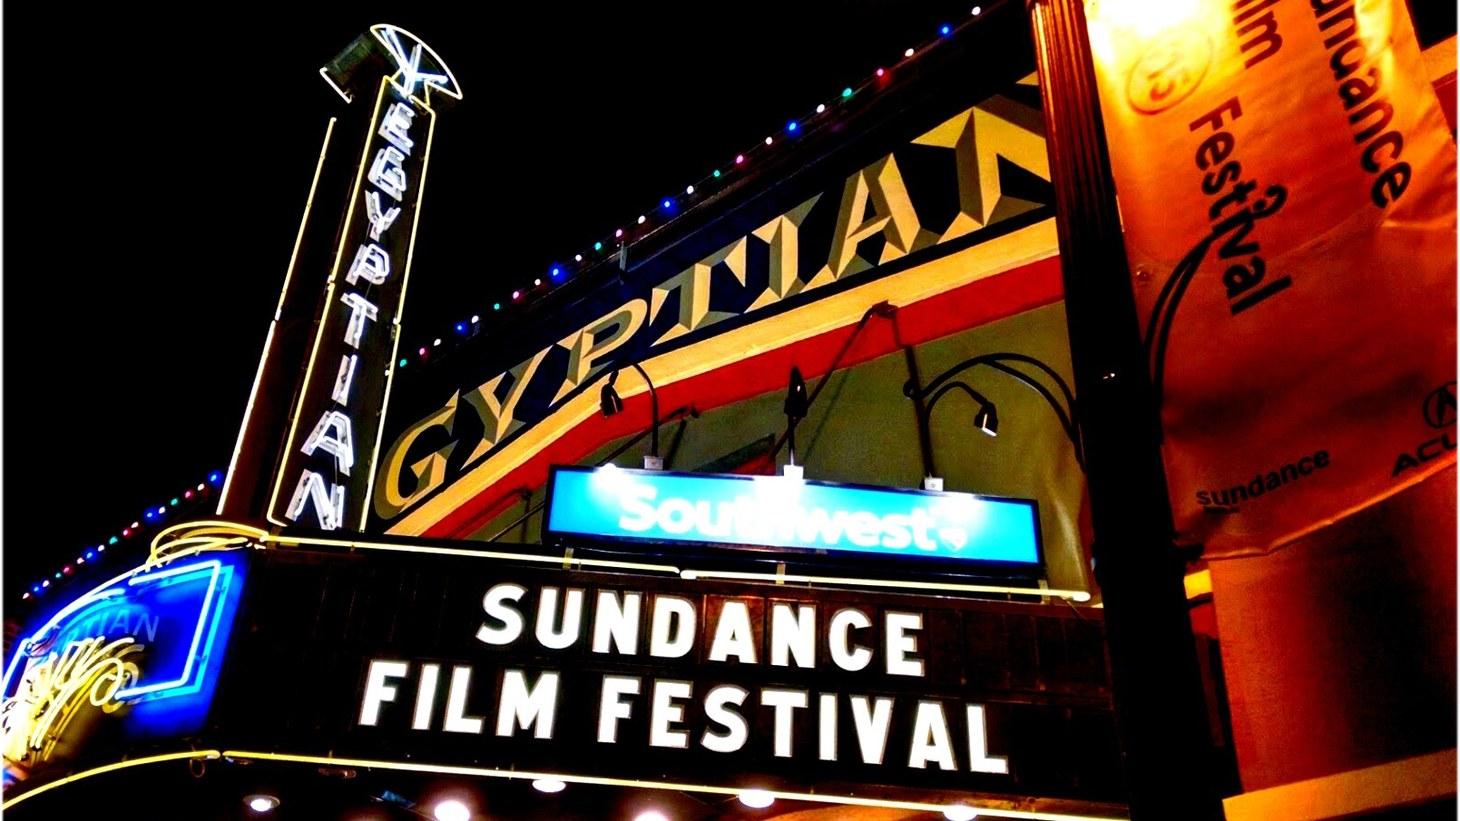 Sundance Film Festival in Park City, Utah (2015).